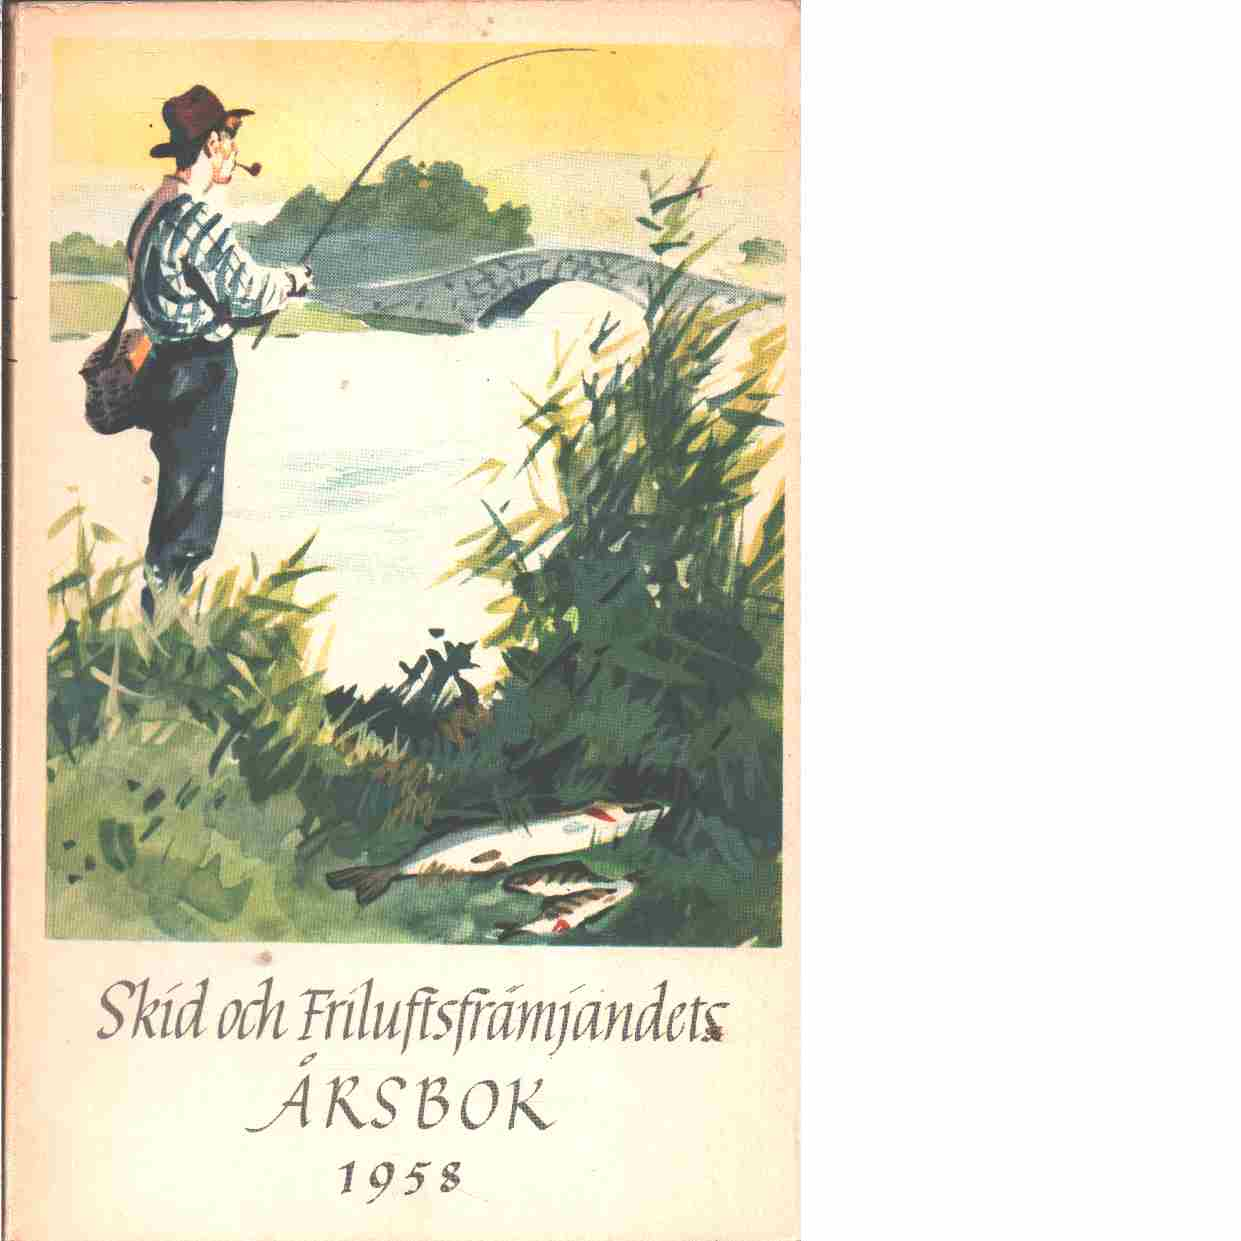 På skidor : Skid- och friluftsfrämjandets årsbok. Årsbok 1958 - Skid- och friluftsfrämjandet